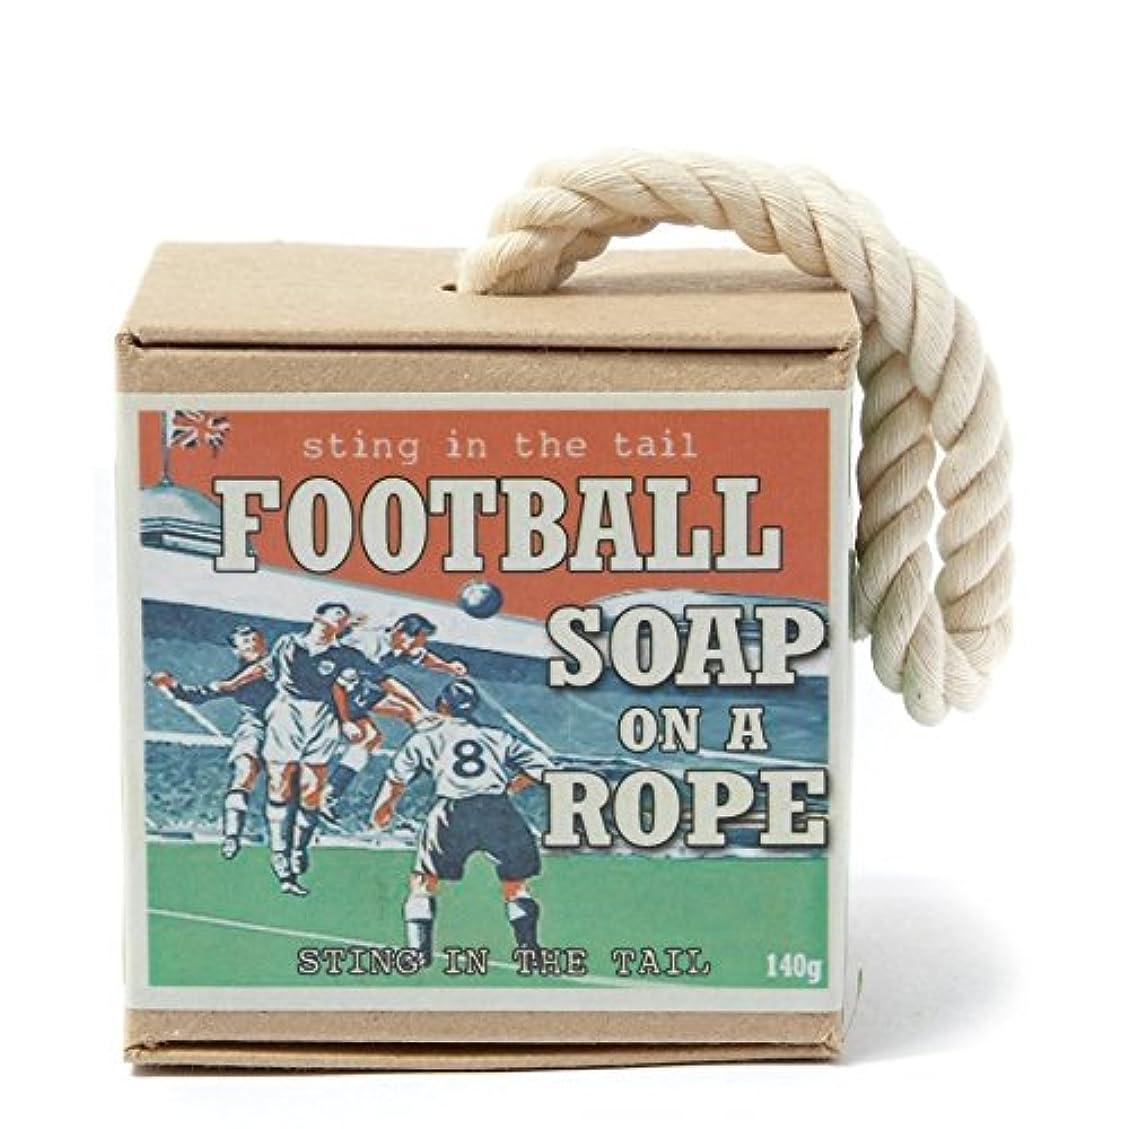 可能にするいじめっ子興奮Sting In The Tail Football on a Rope Soap - ロープ石鹸のテールサッカーで刺します [並行輸入品]